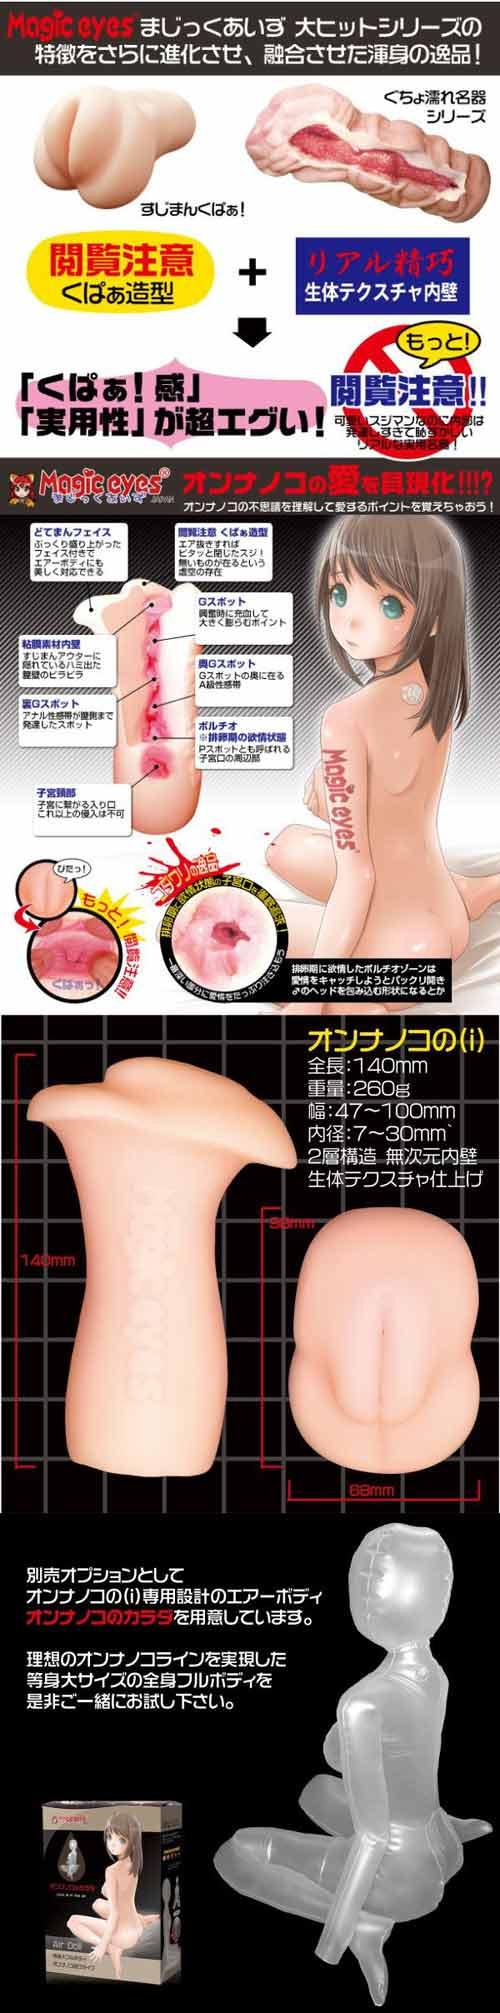 日本NPG*オンナノコの(i)空氣娃娃專用自慰套